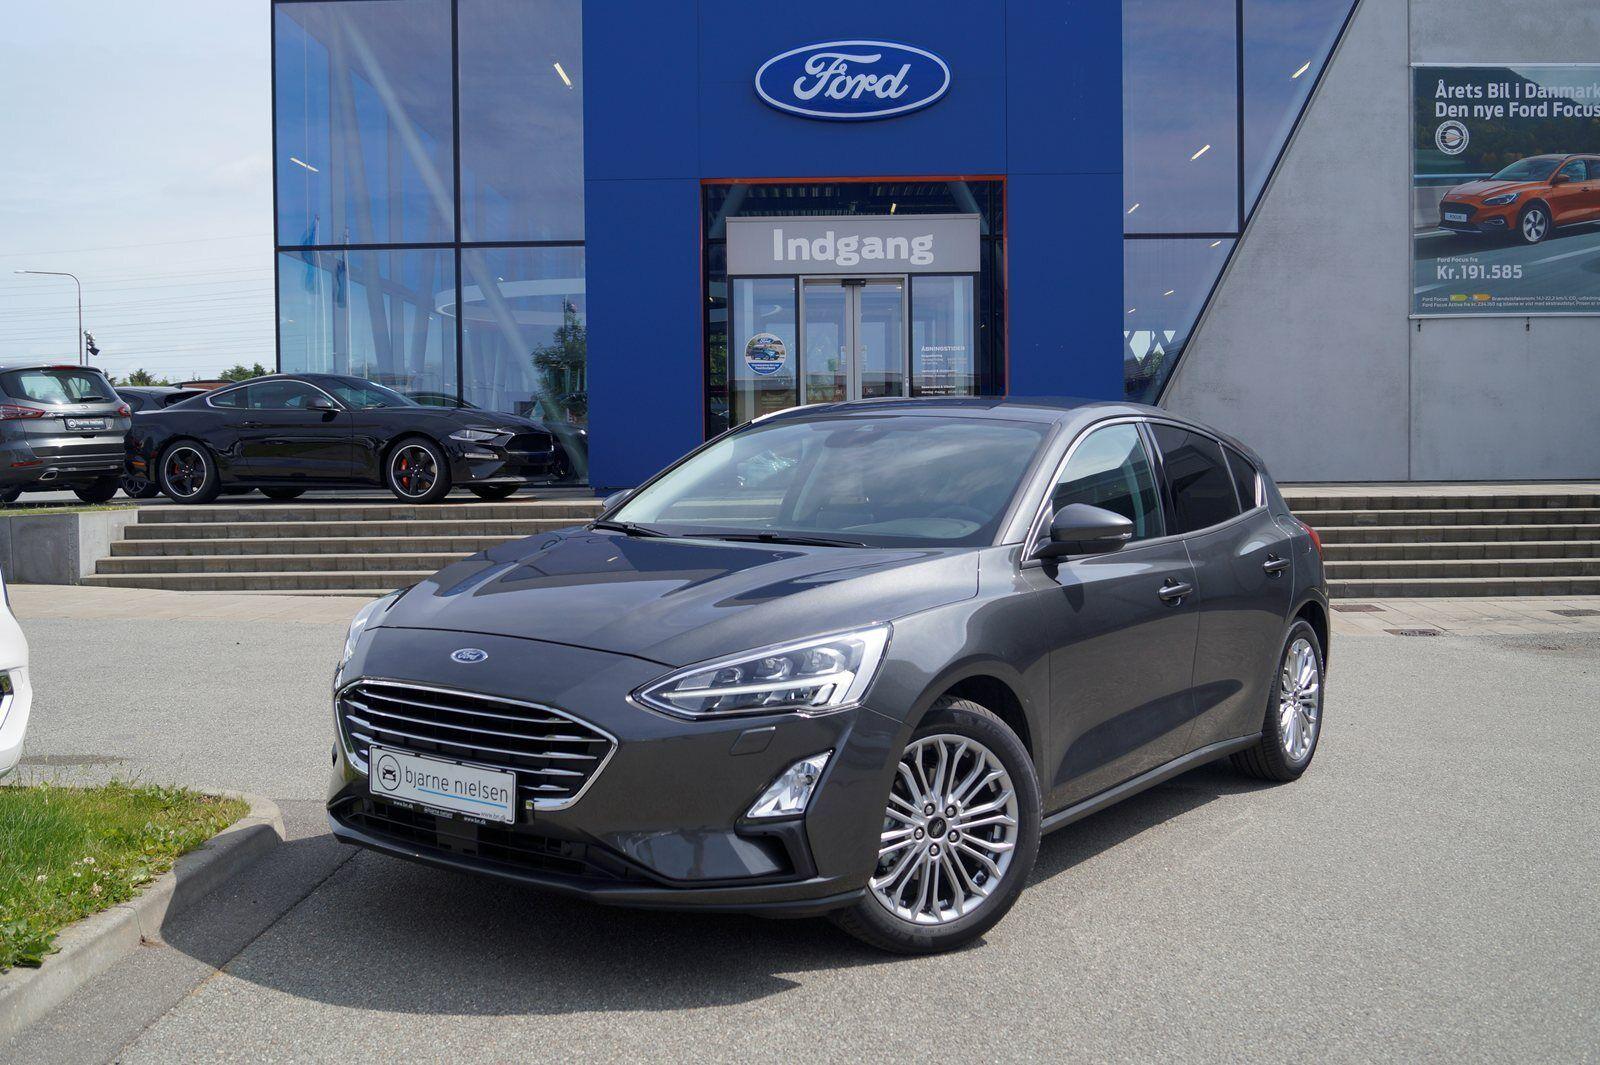 Ford Focus 1,0 EcoBoost Titanium Business